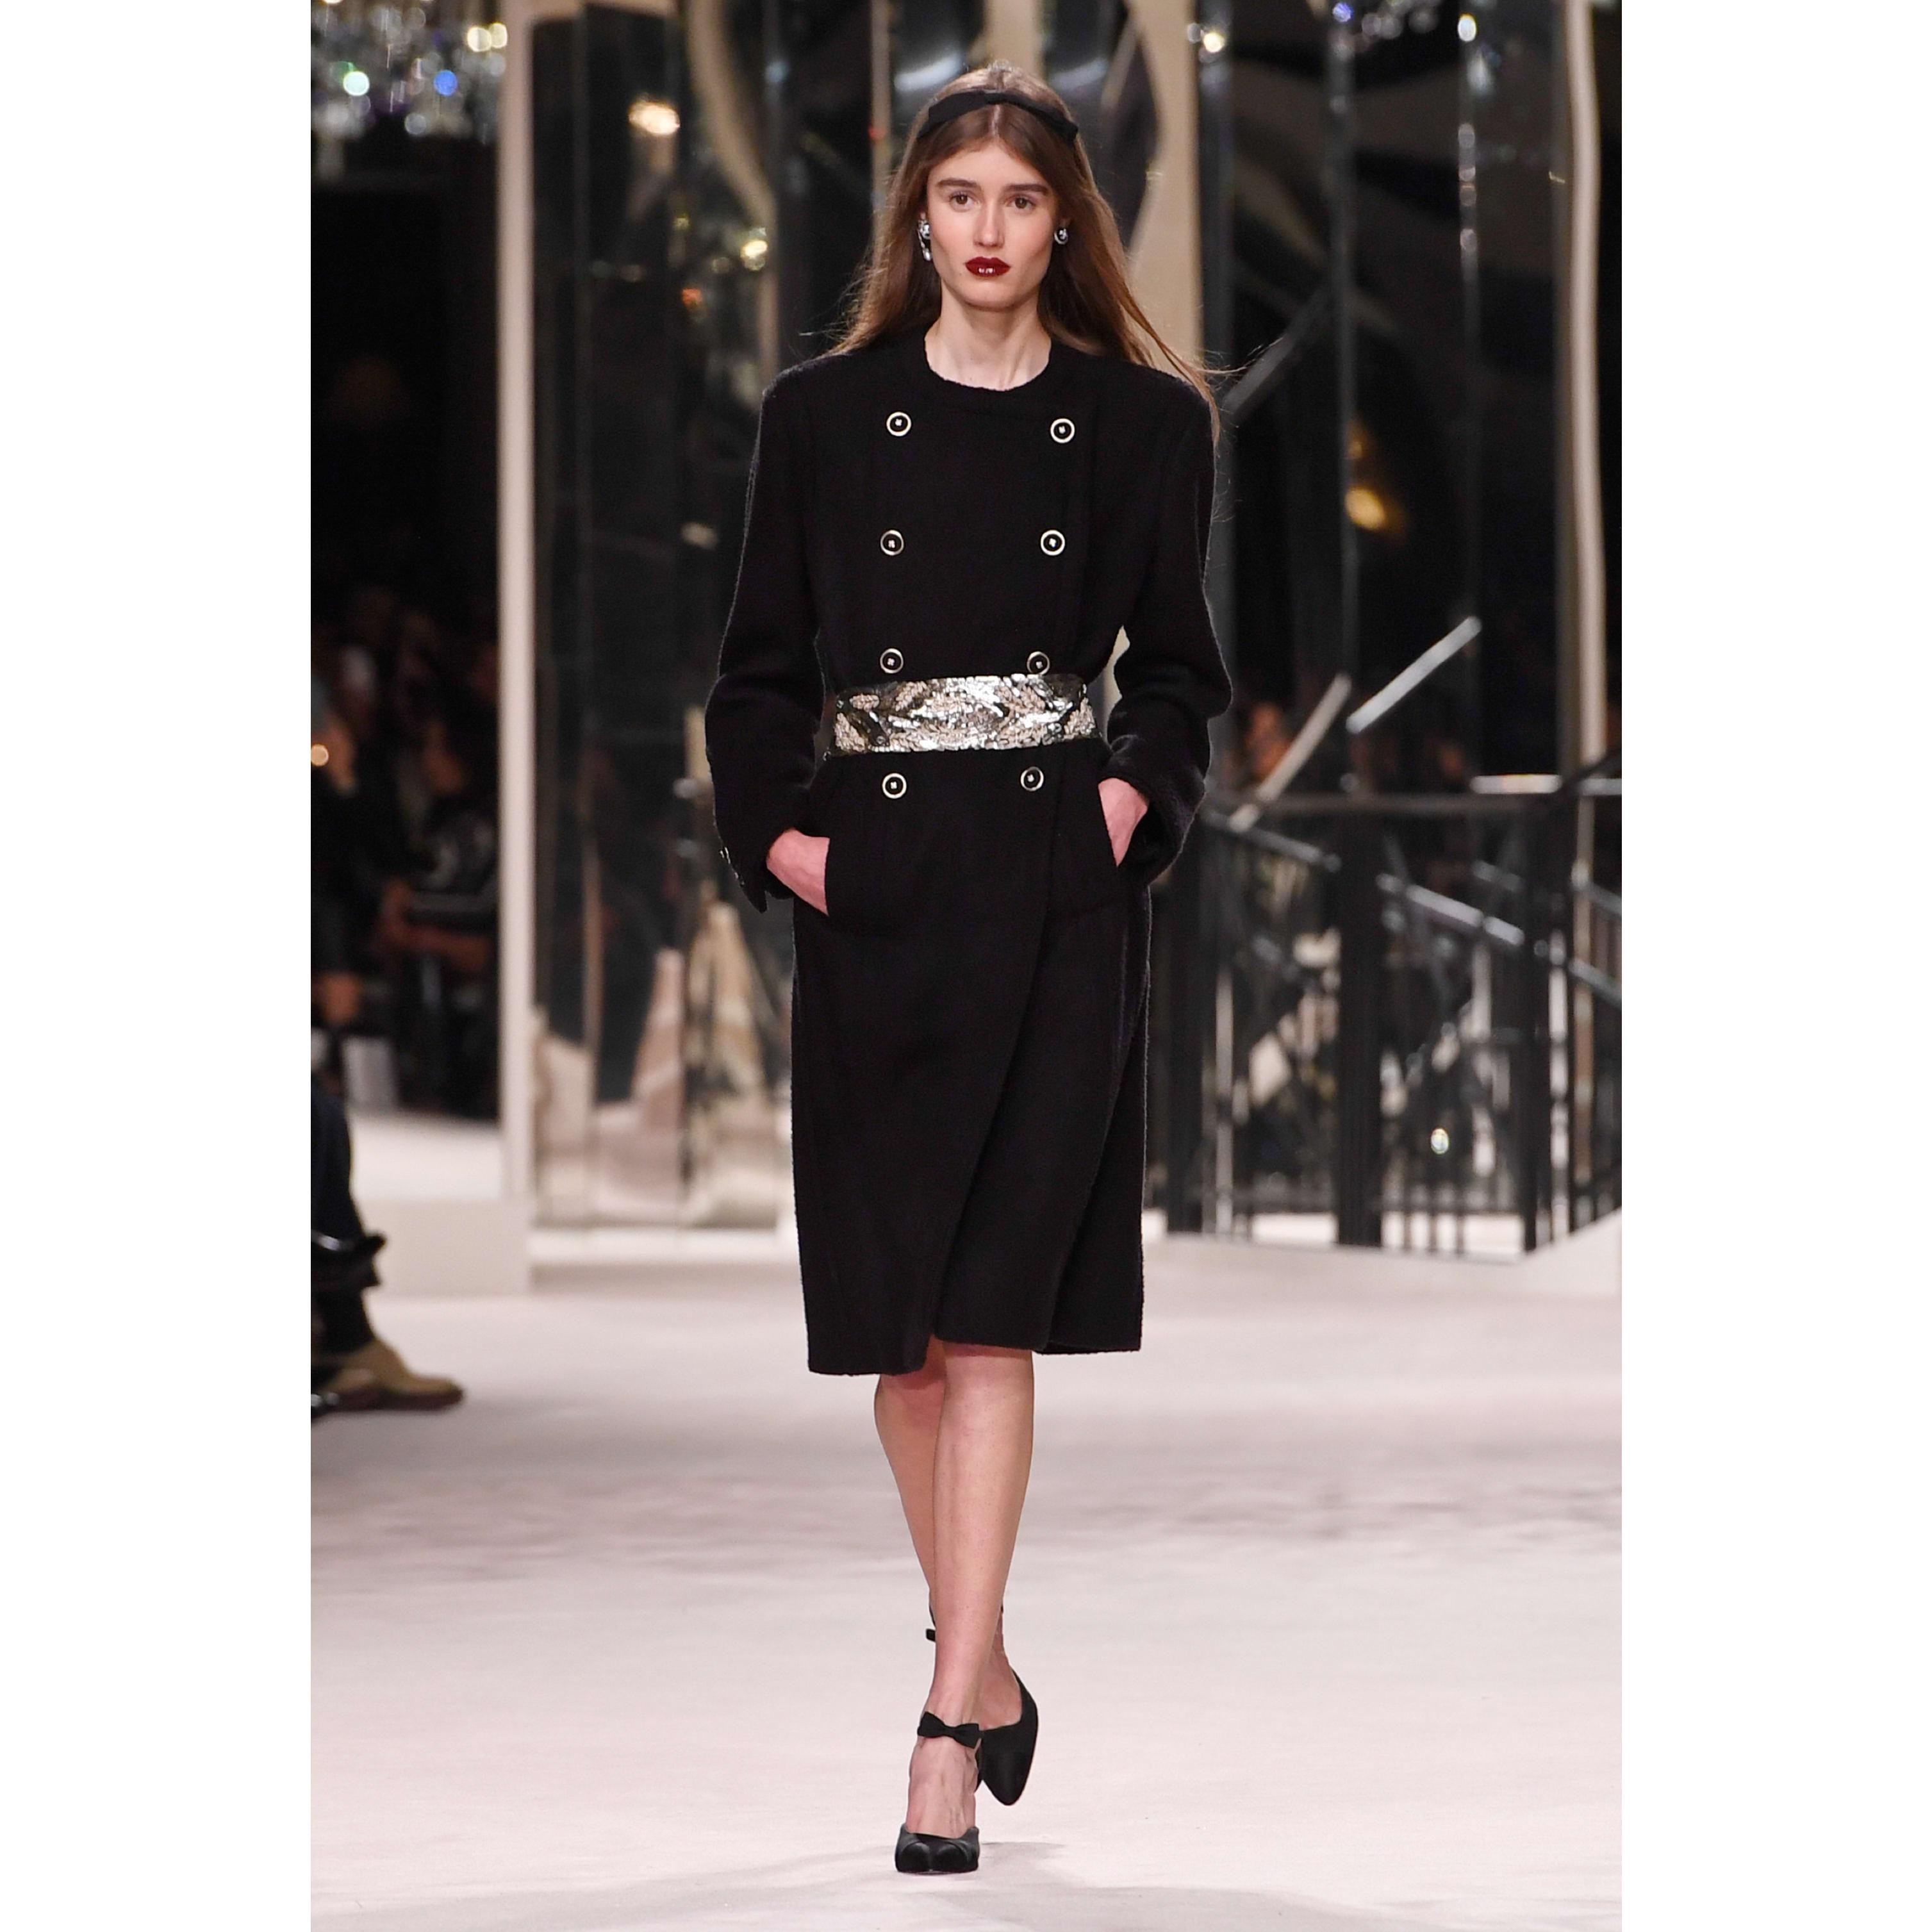 Casaco - Black - Wool & Cashmere Tweed - CHANEL - Vista predefinida - ver a versão em tamanho standard